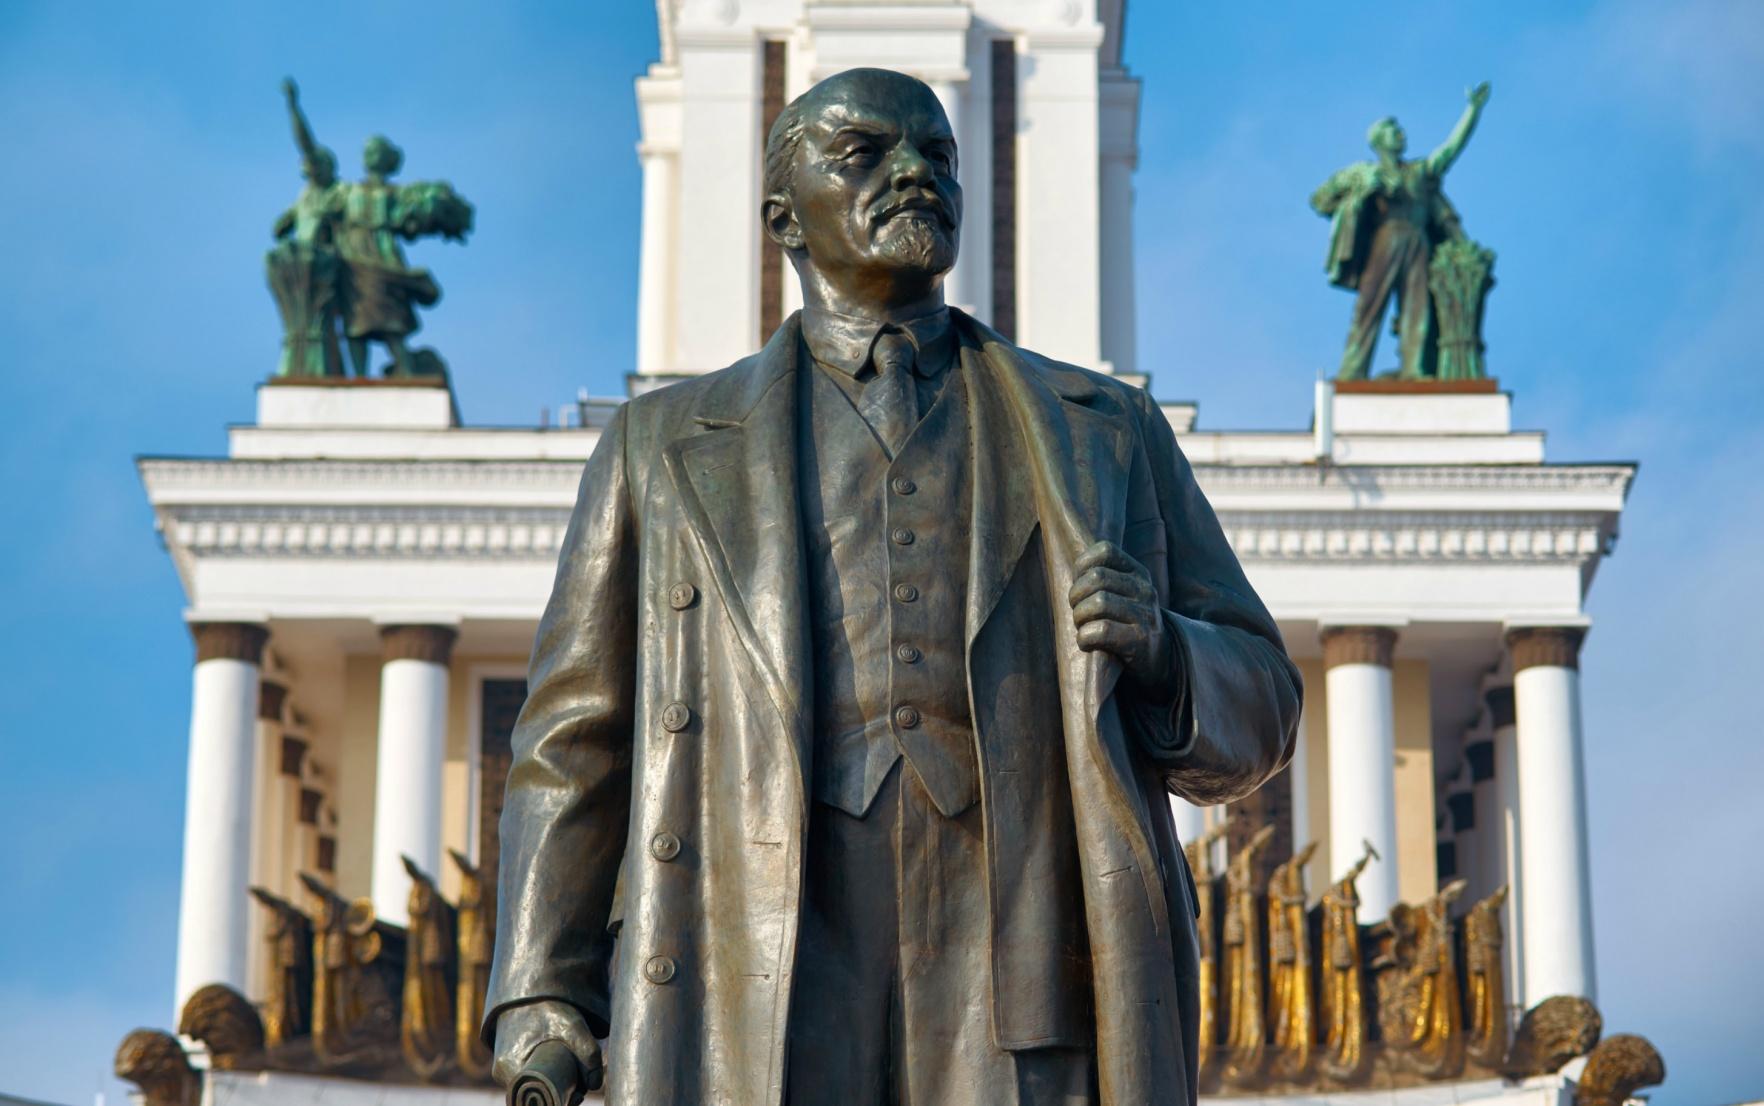 Russian Revolution 1917 Flashback